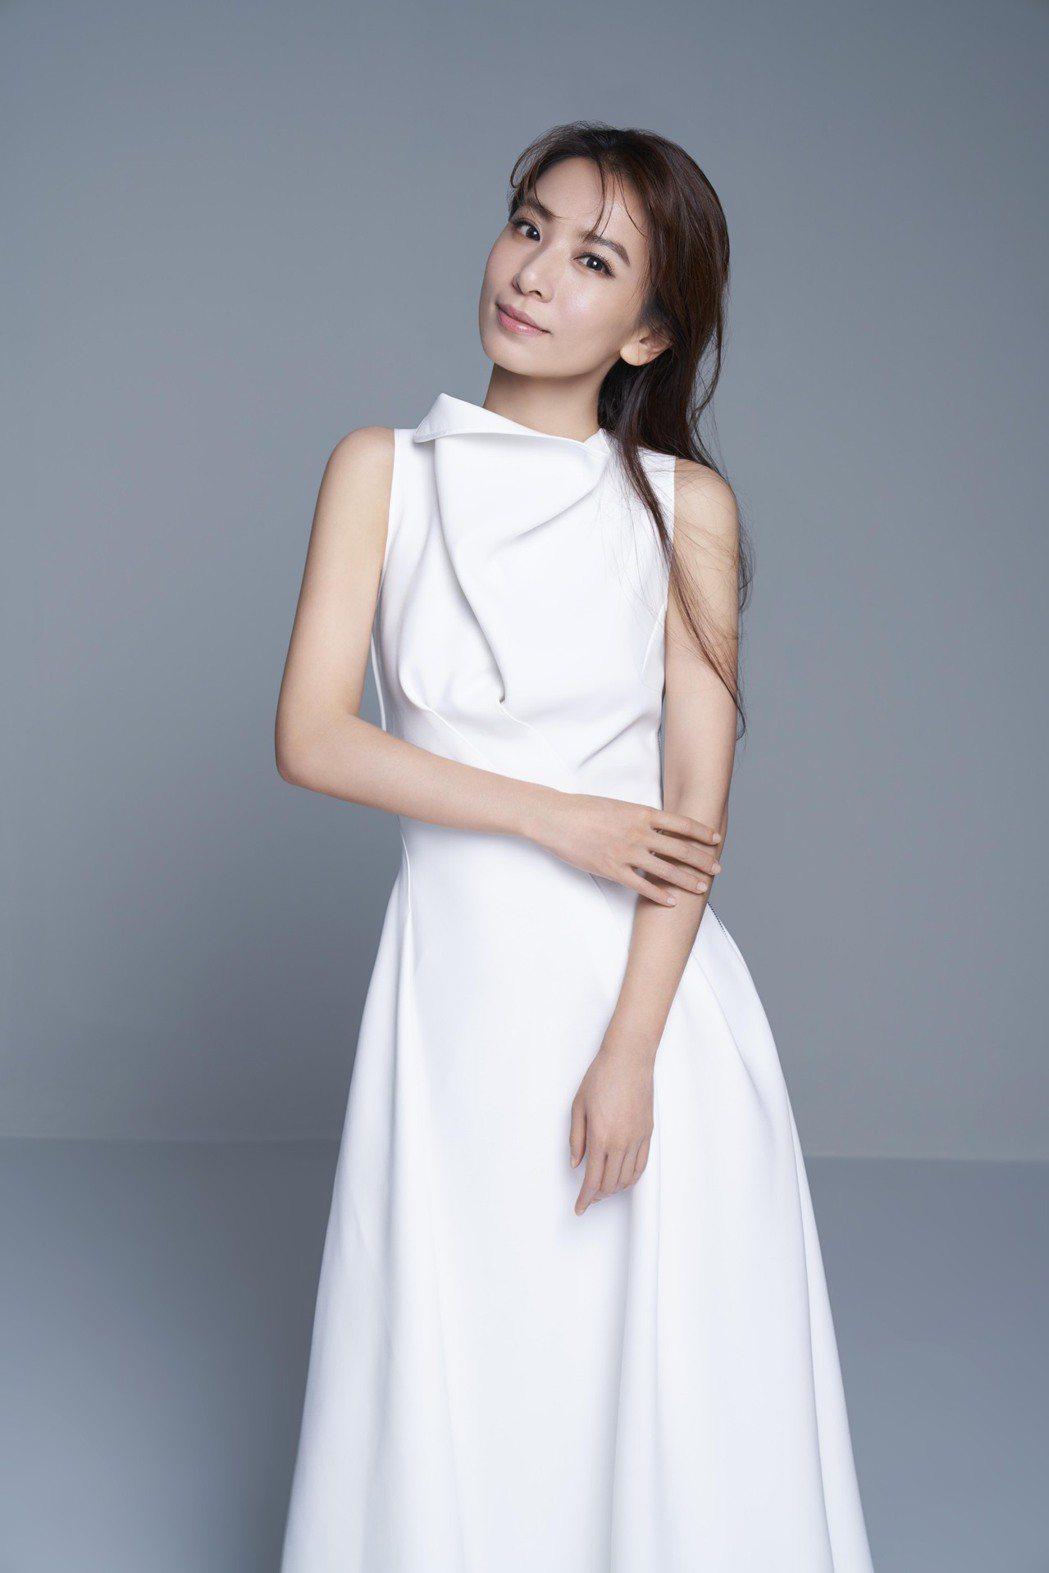 Hebe田馥甄將擔任臺北跨年開場演出。圖/臺北市觀光傳播局、必應創造提供